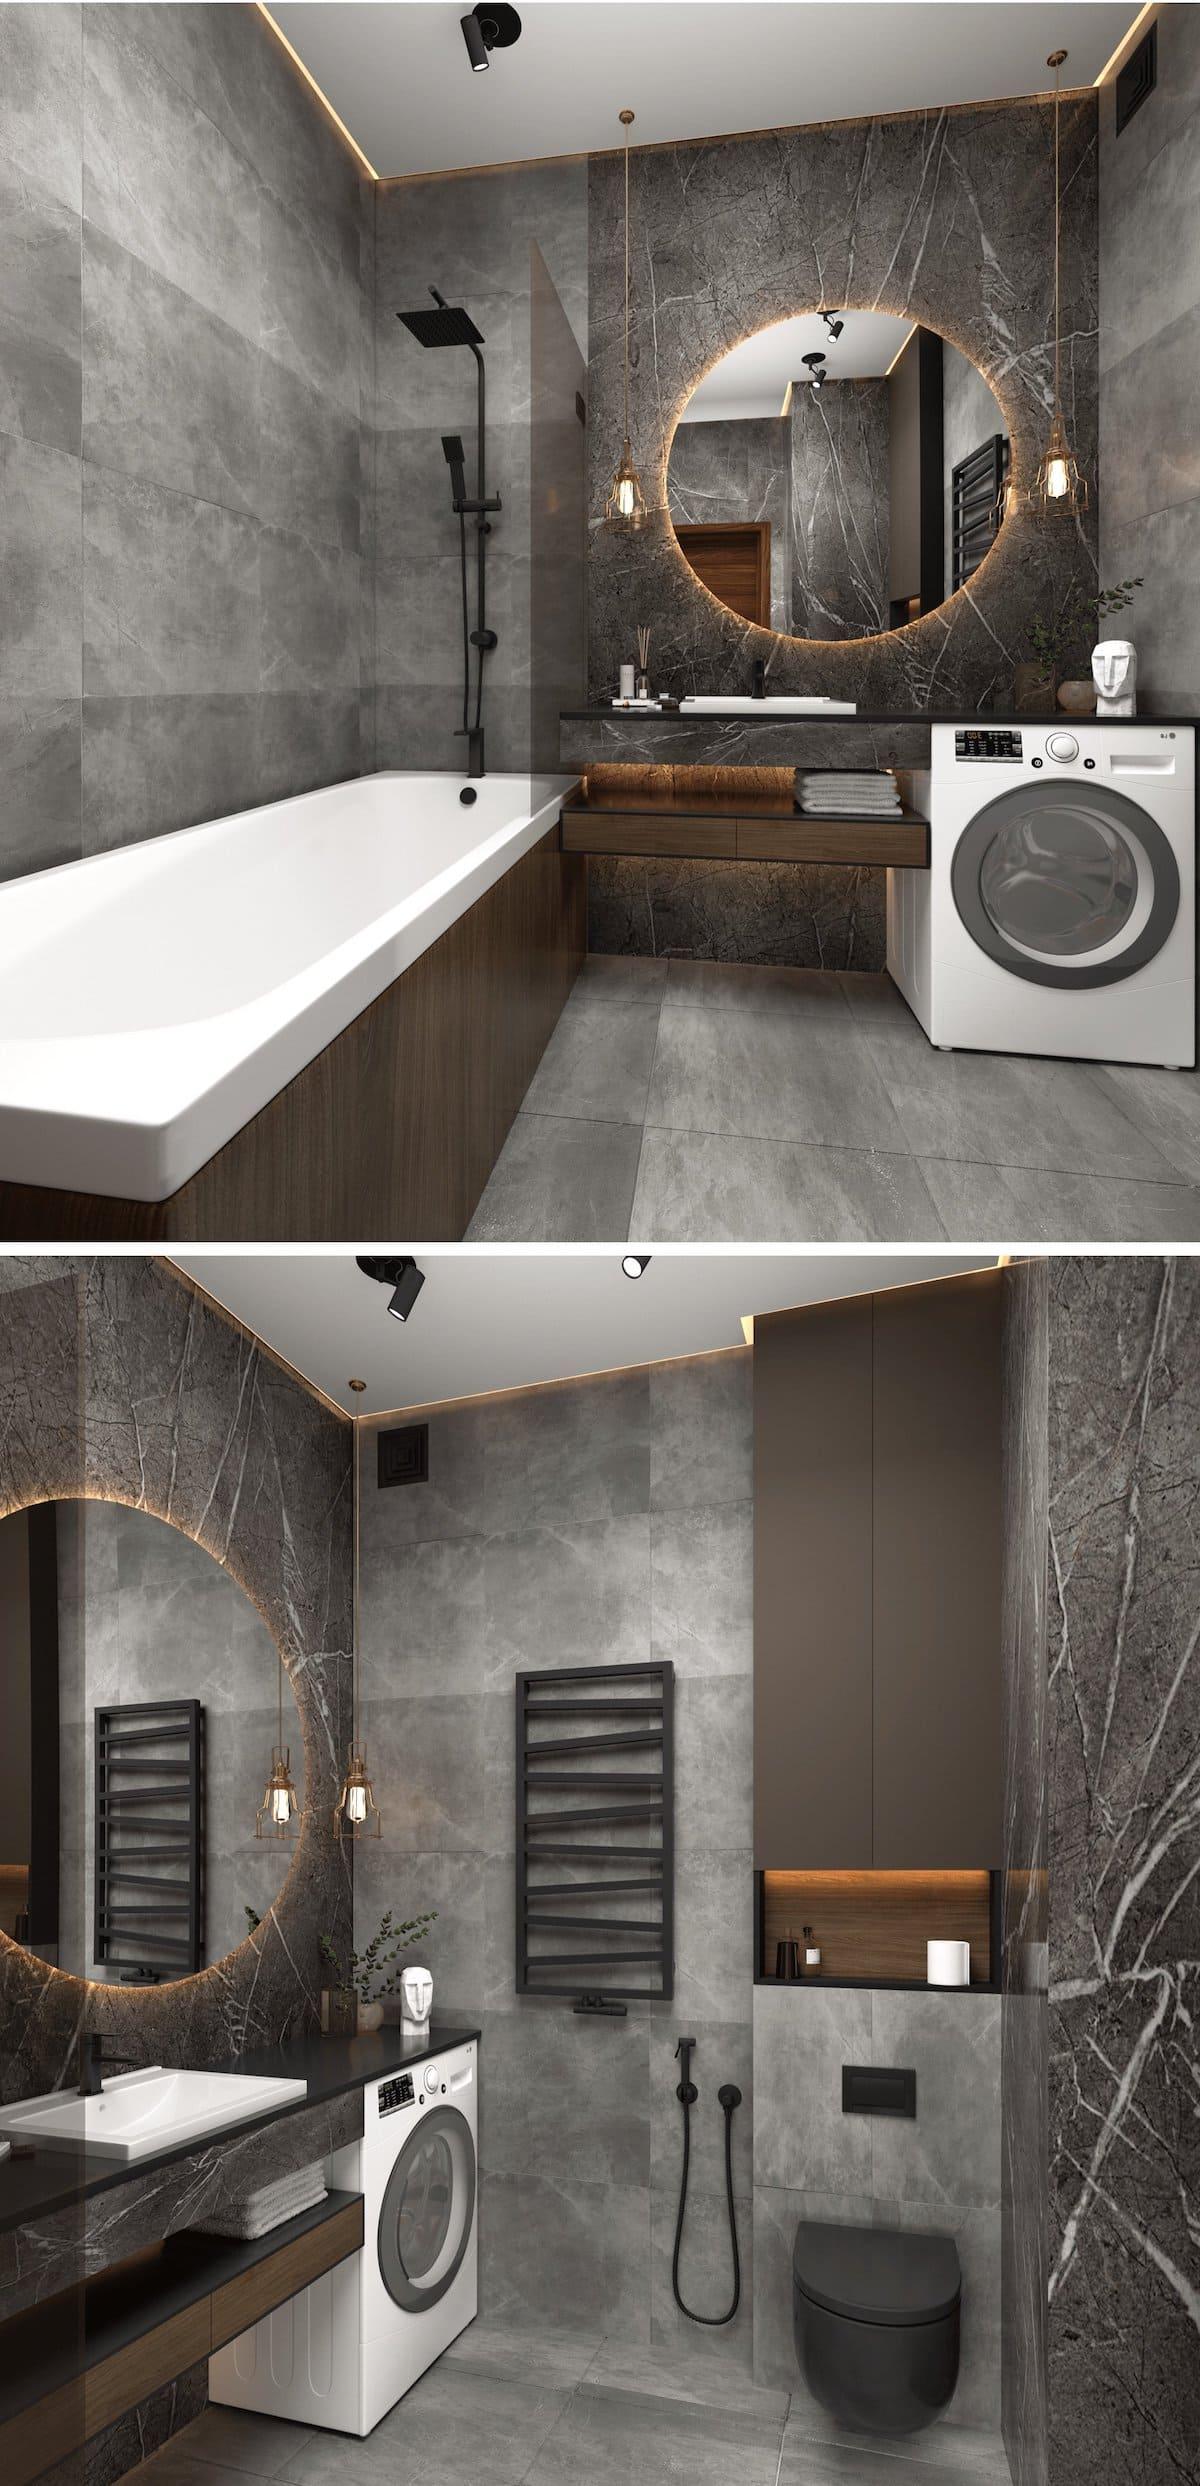 дизайн интерьера ванной комнаты фото 78